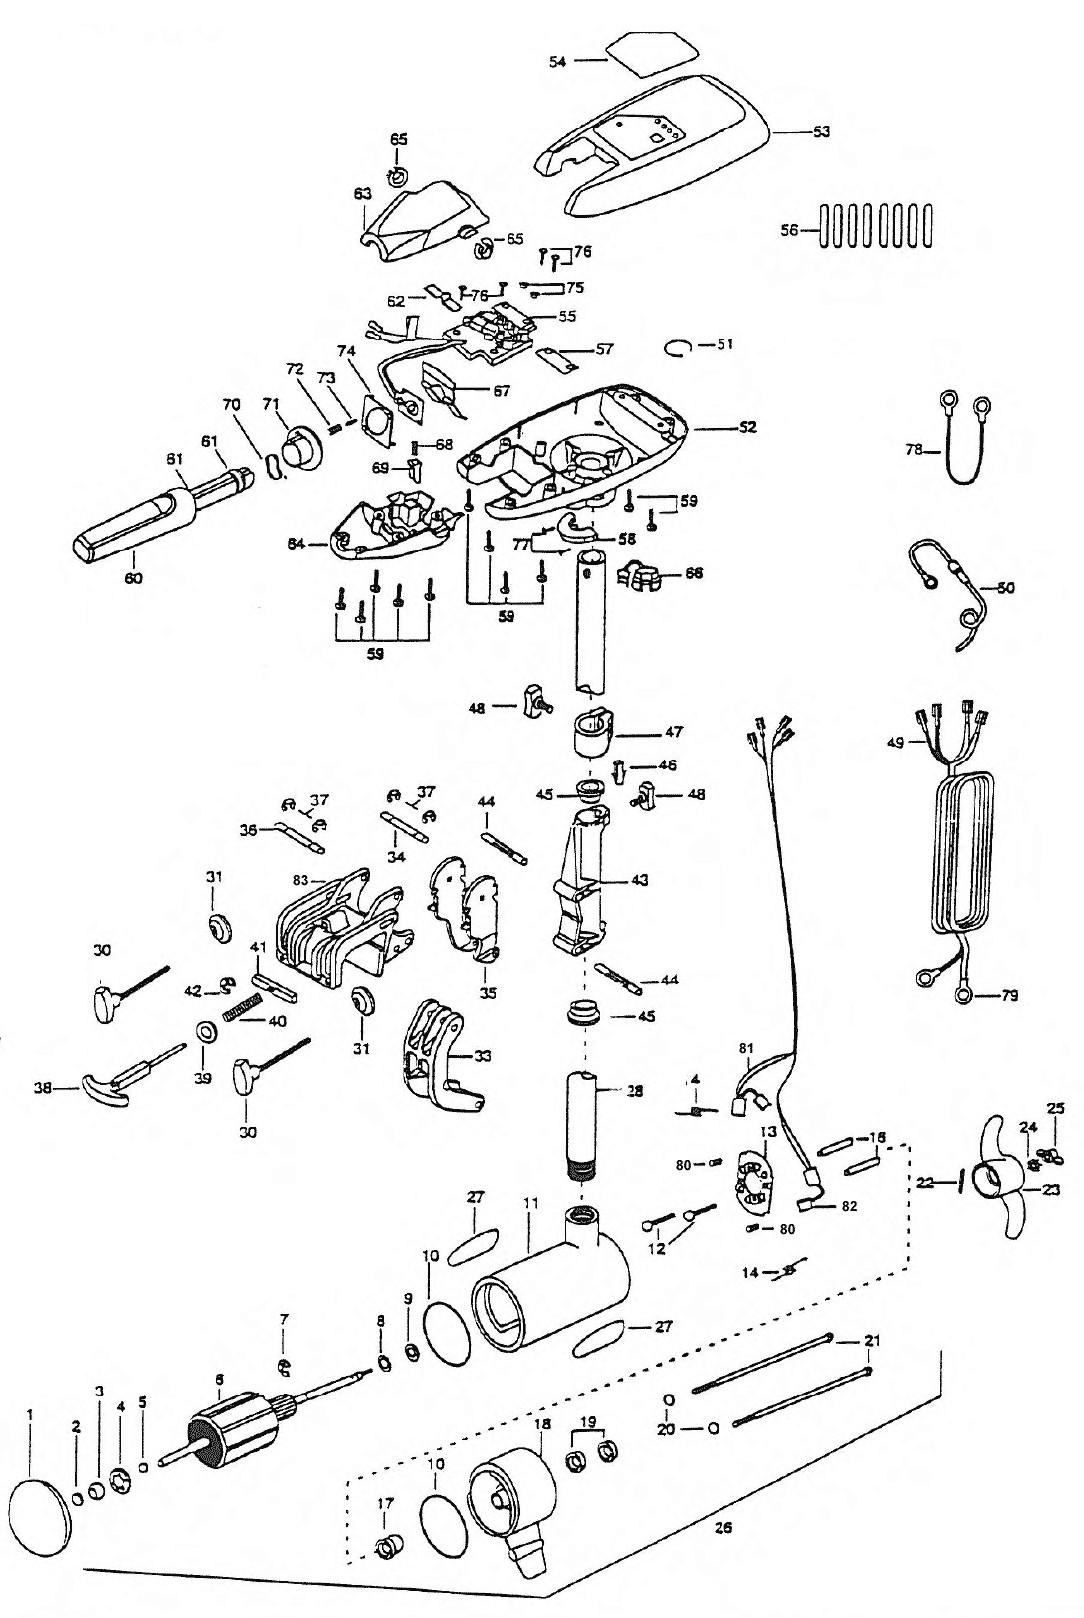 ... minn kota edge 70 wiring diagram wiring Minn Kota Replacement Parts minn  kota edge 70 schematic